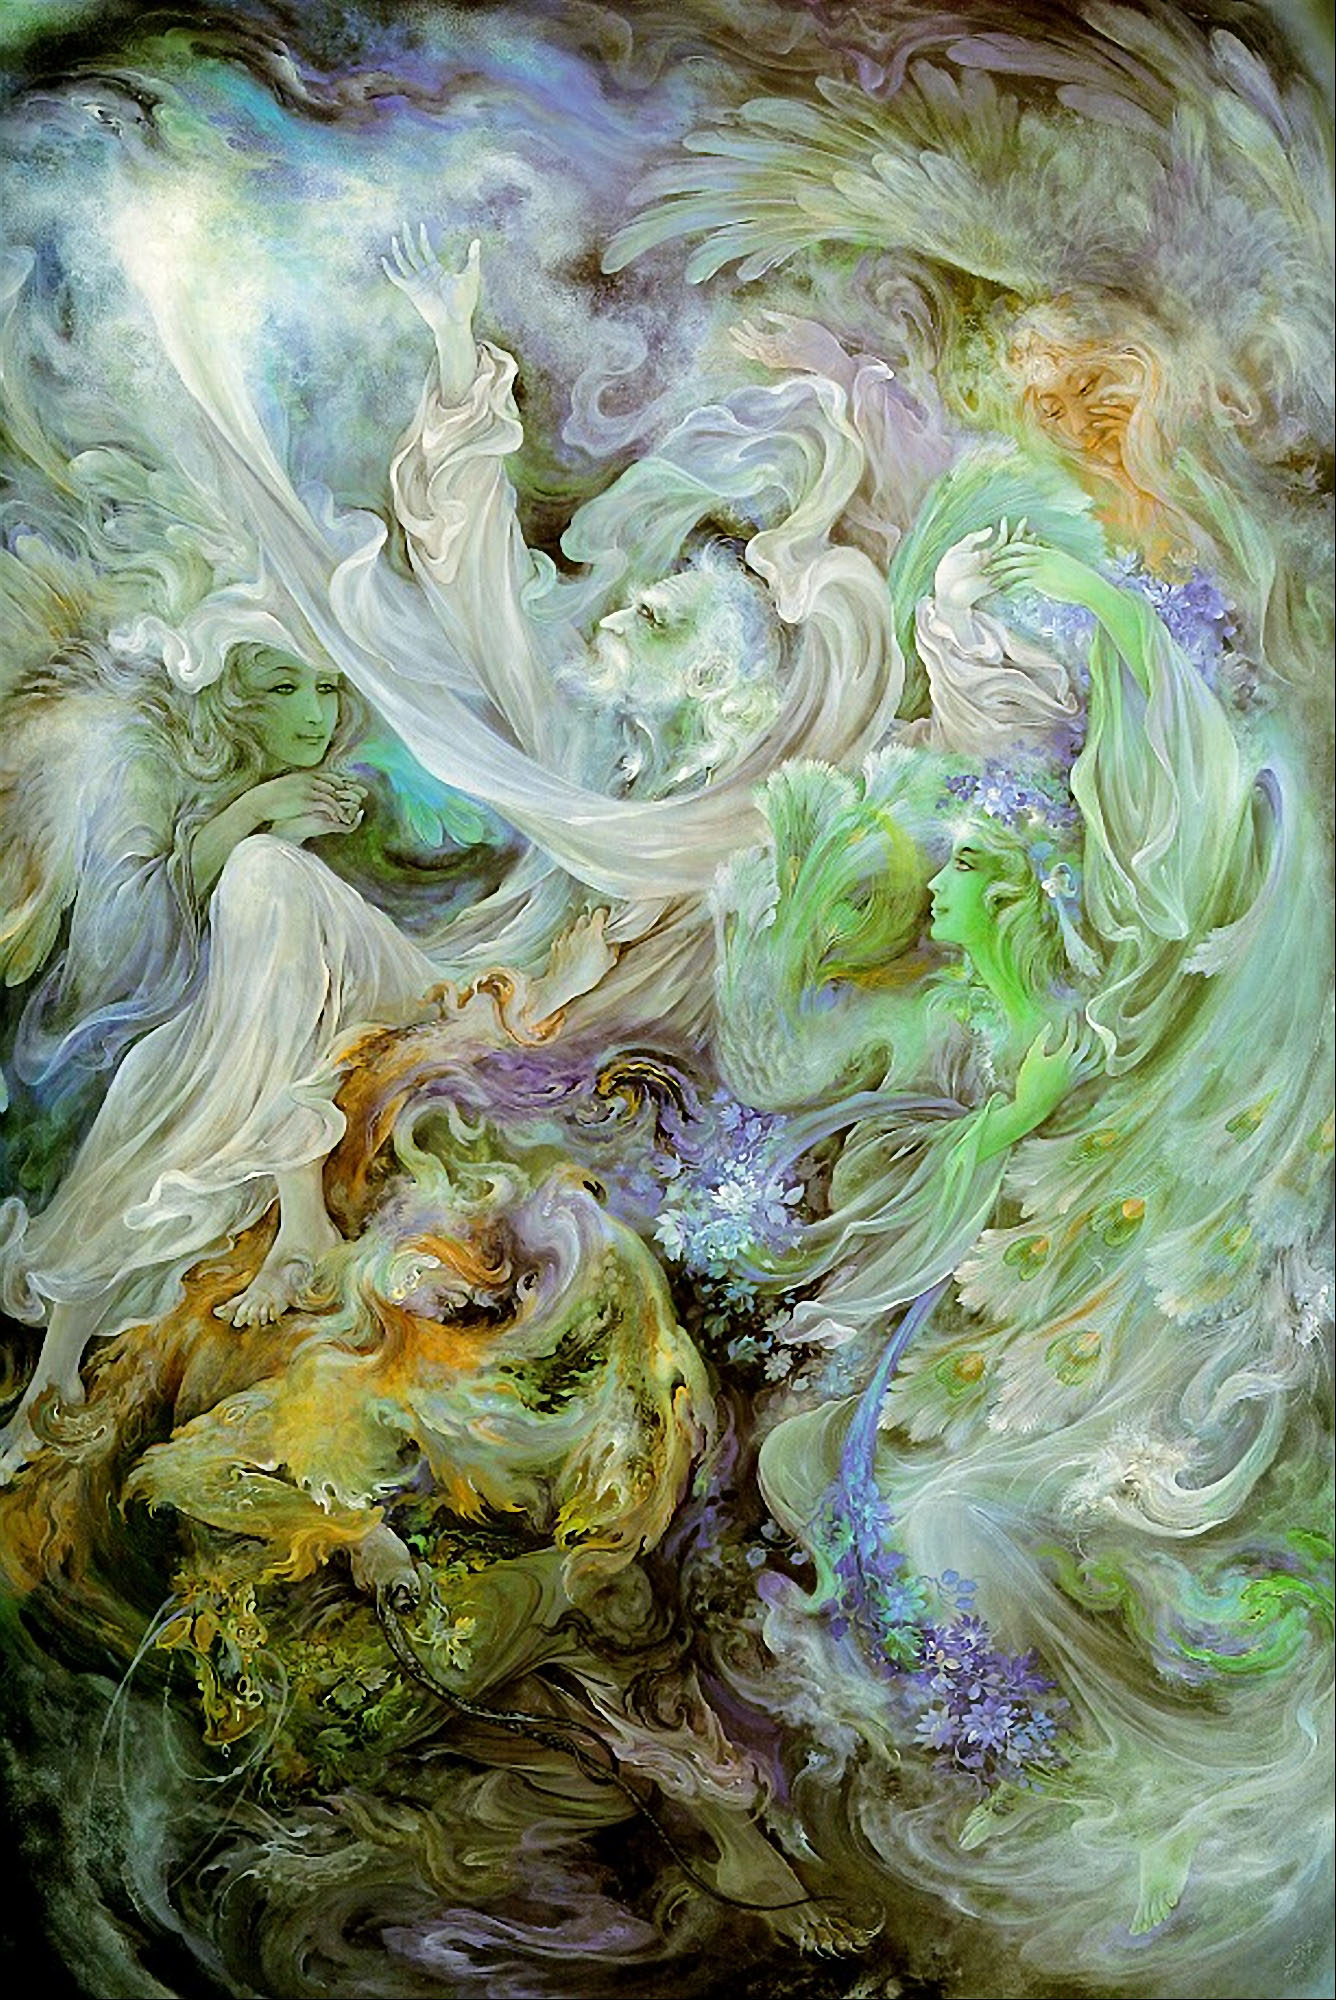 مینیاتور جاذبه بهشت - فرشچیان --- نقاشی زیبای مینیاتور جاذبه بهشت -  نقاشی مینیاتور - اثری بزرگ از استاد محمود فرشچیان استاد بزرگ مینیاتور ایران